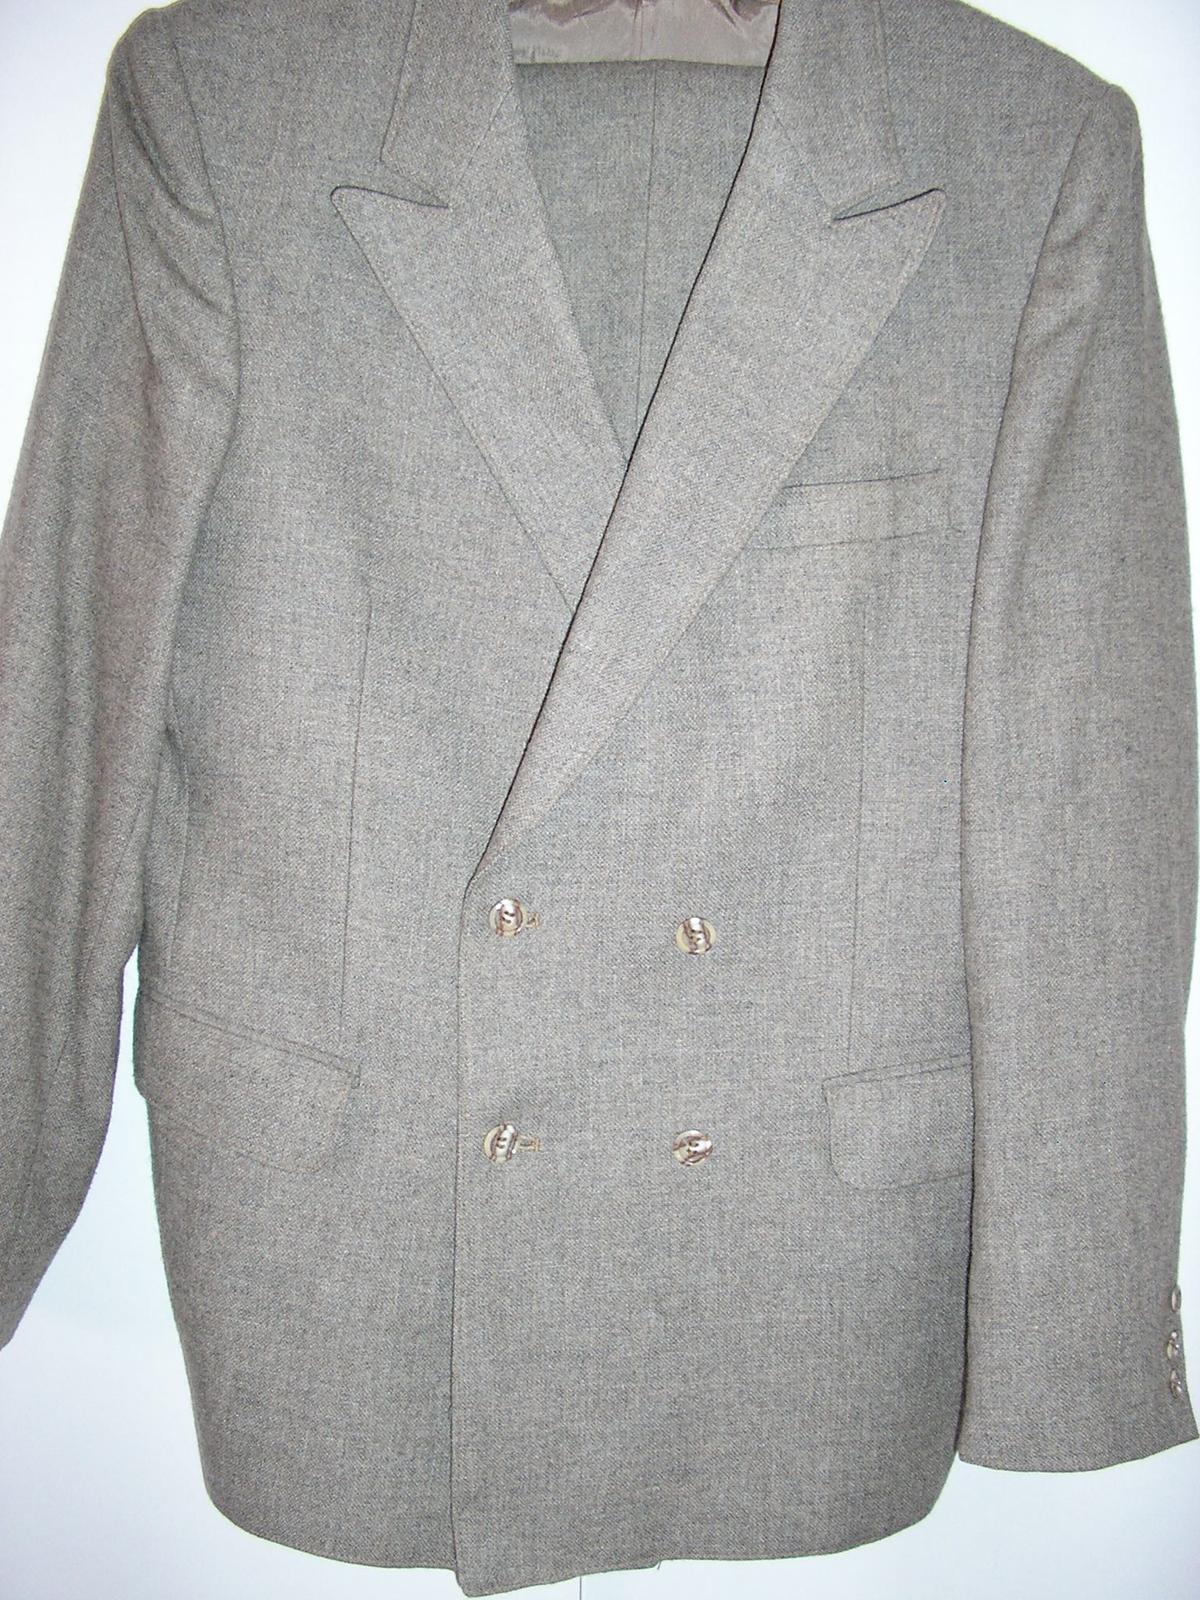 479. Oblek pre svad. otca                   - Obrázok č. 1